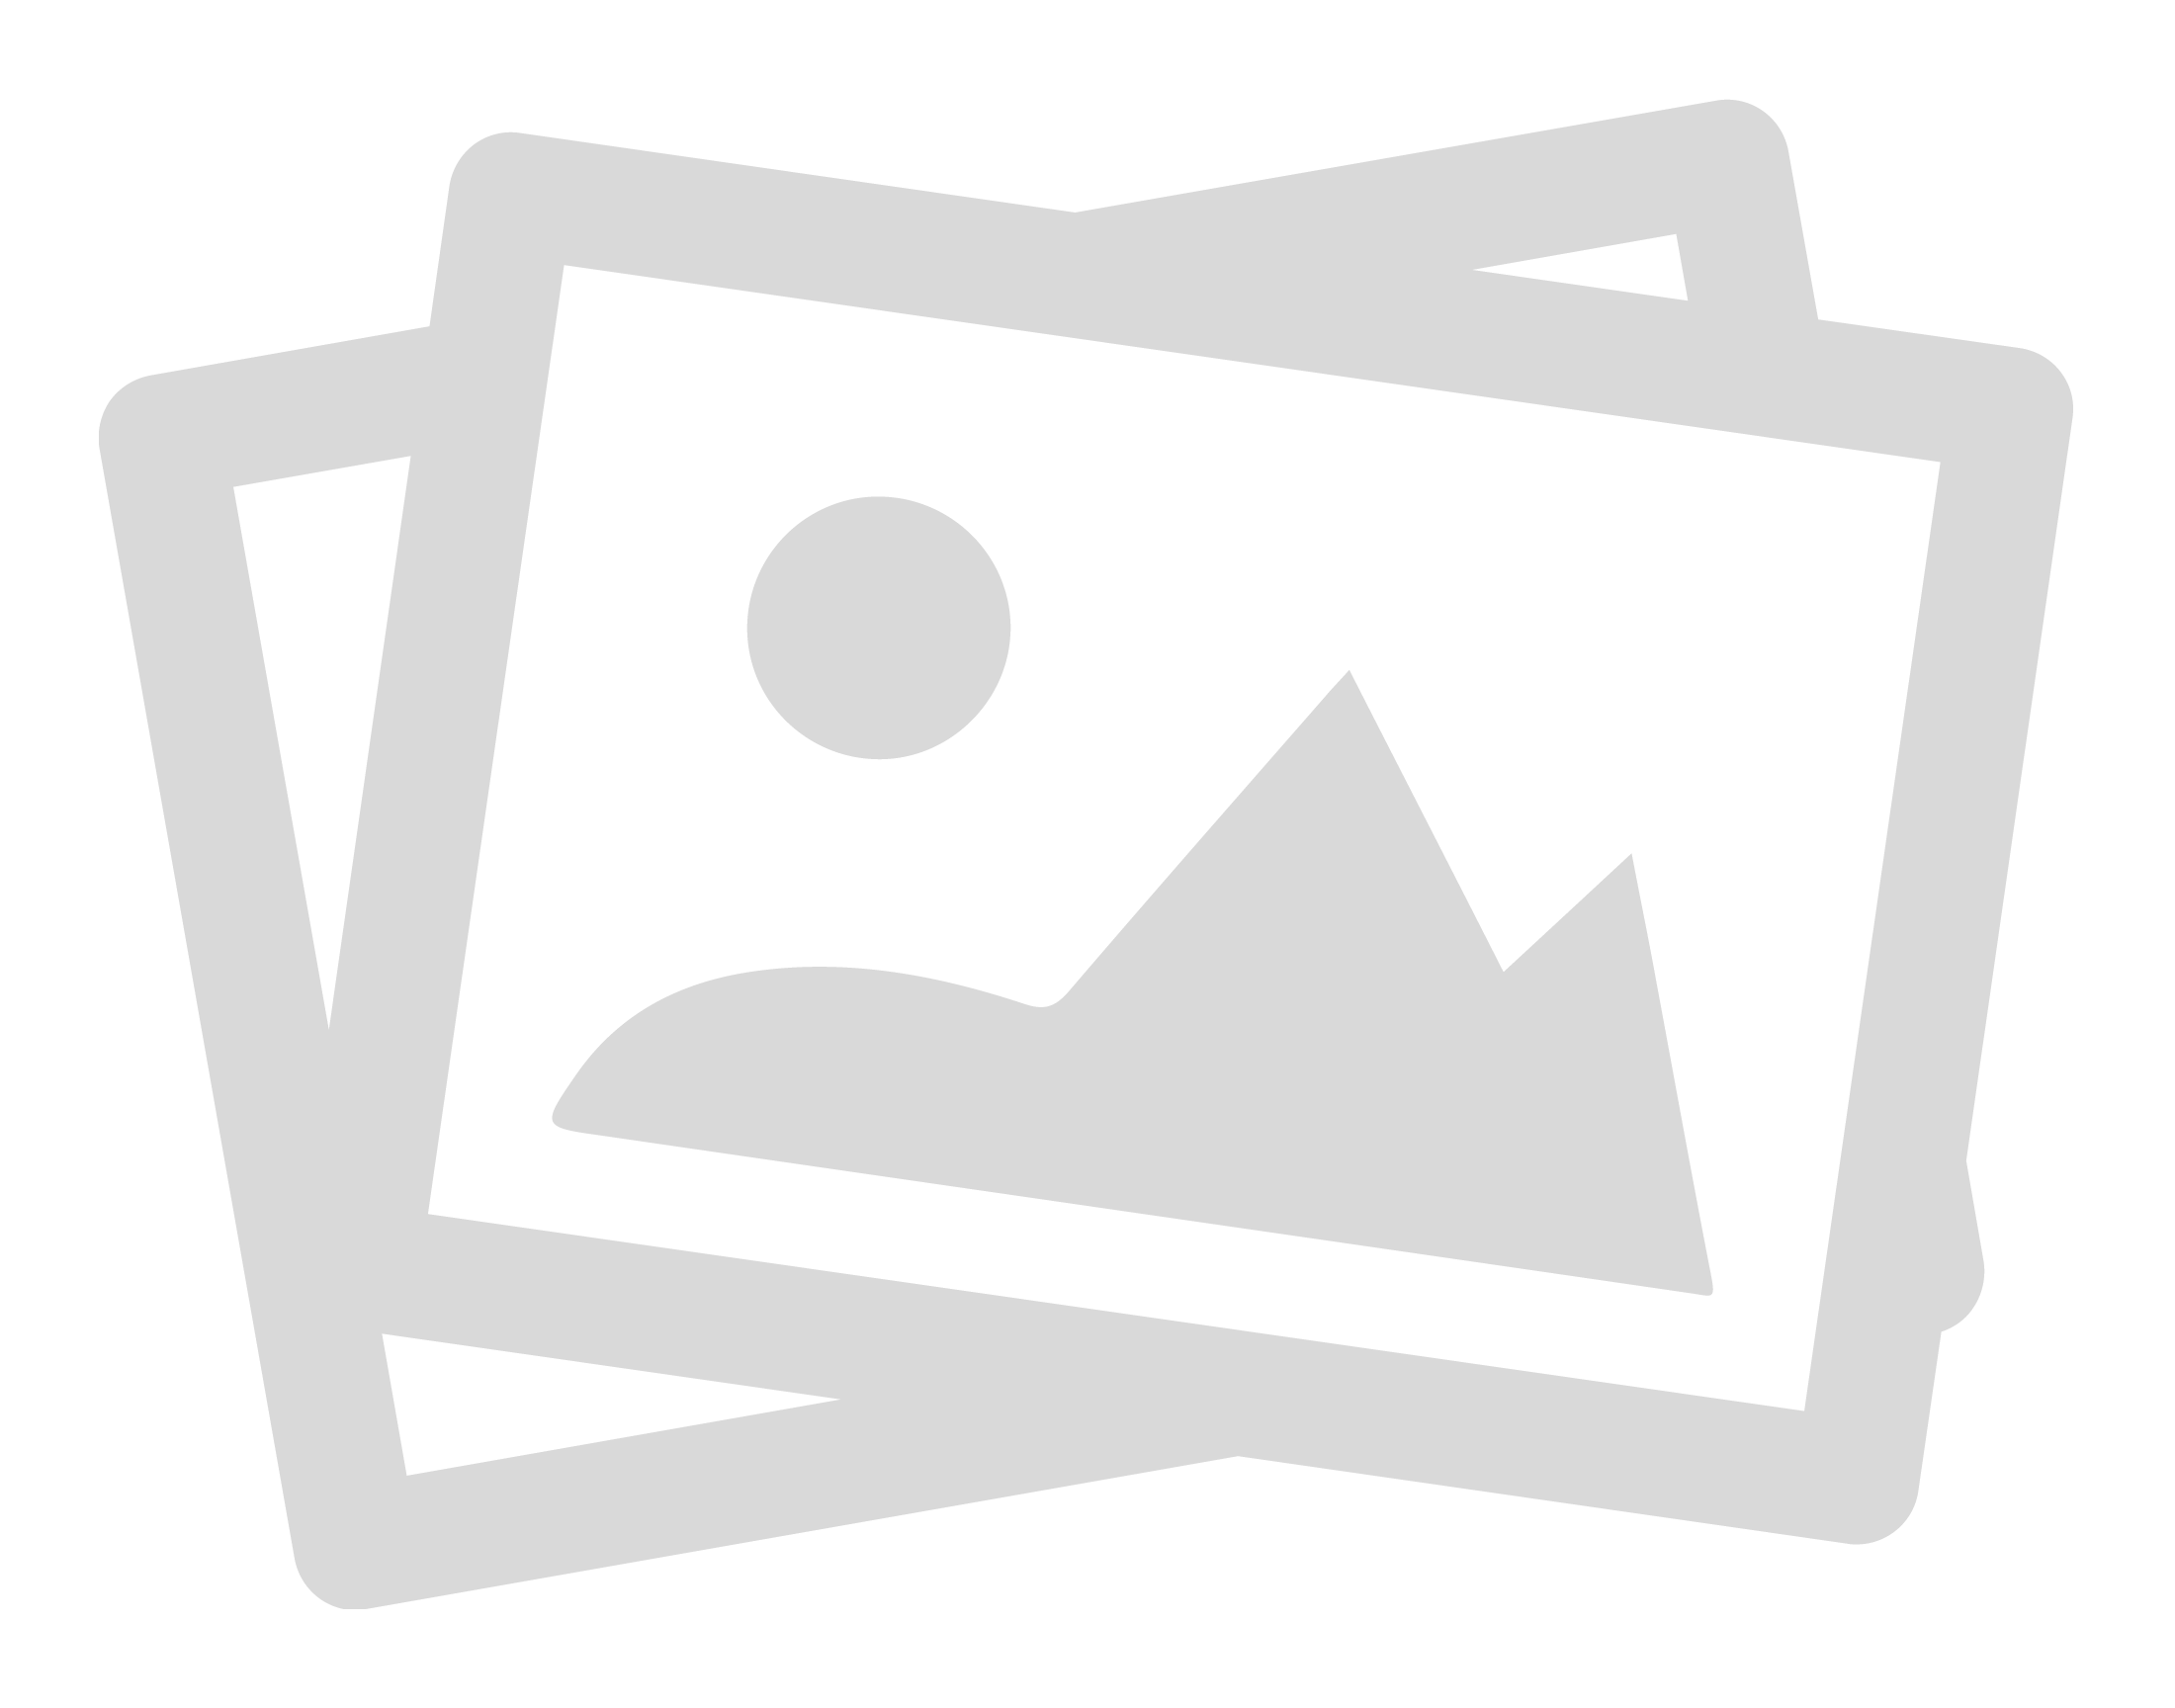 Image of   Andalas Største Bedrifter - Ingen - af Forfatter, Nuka K. Godtfredsen, illustrator Nuka K. Godtfredsen, Forfatter, forfatter, Forfatter, Forfatter, forfatter, Forfatter, forfatter, forfatter, Forfatter, forfatter